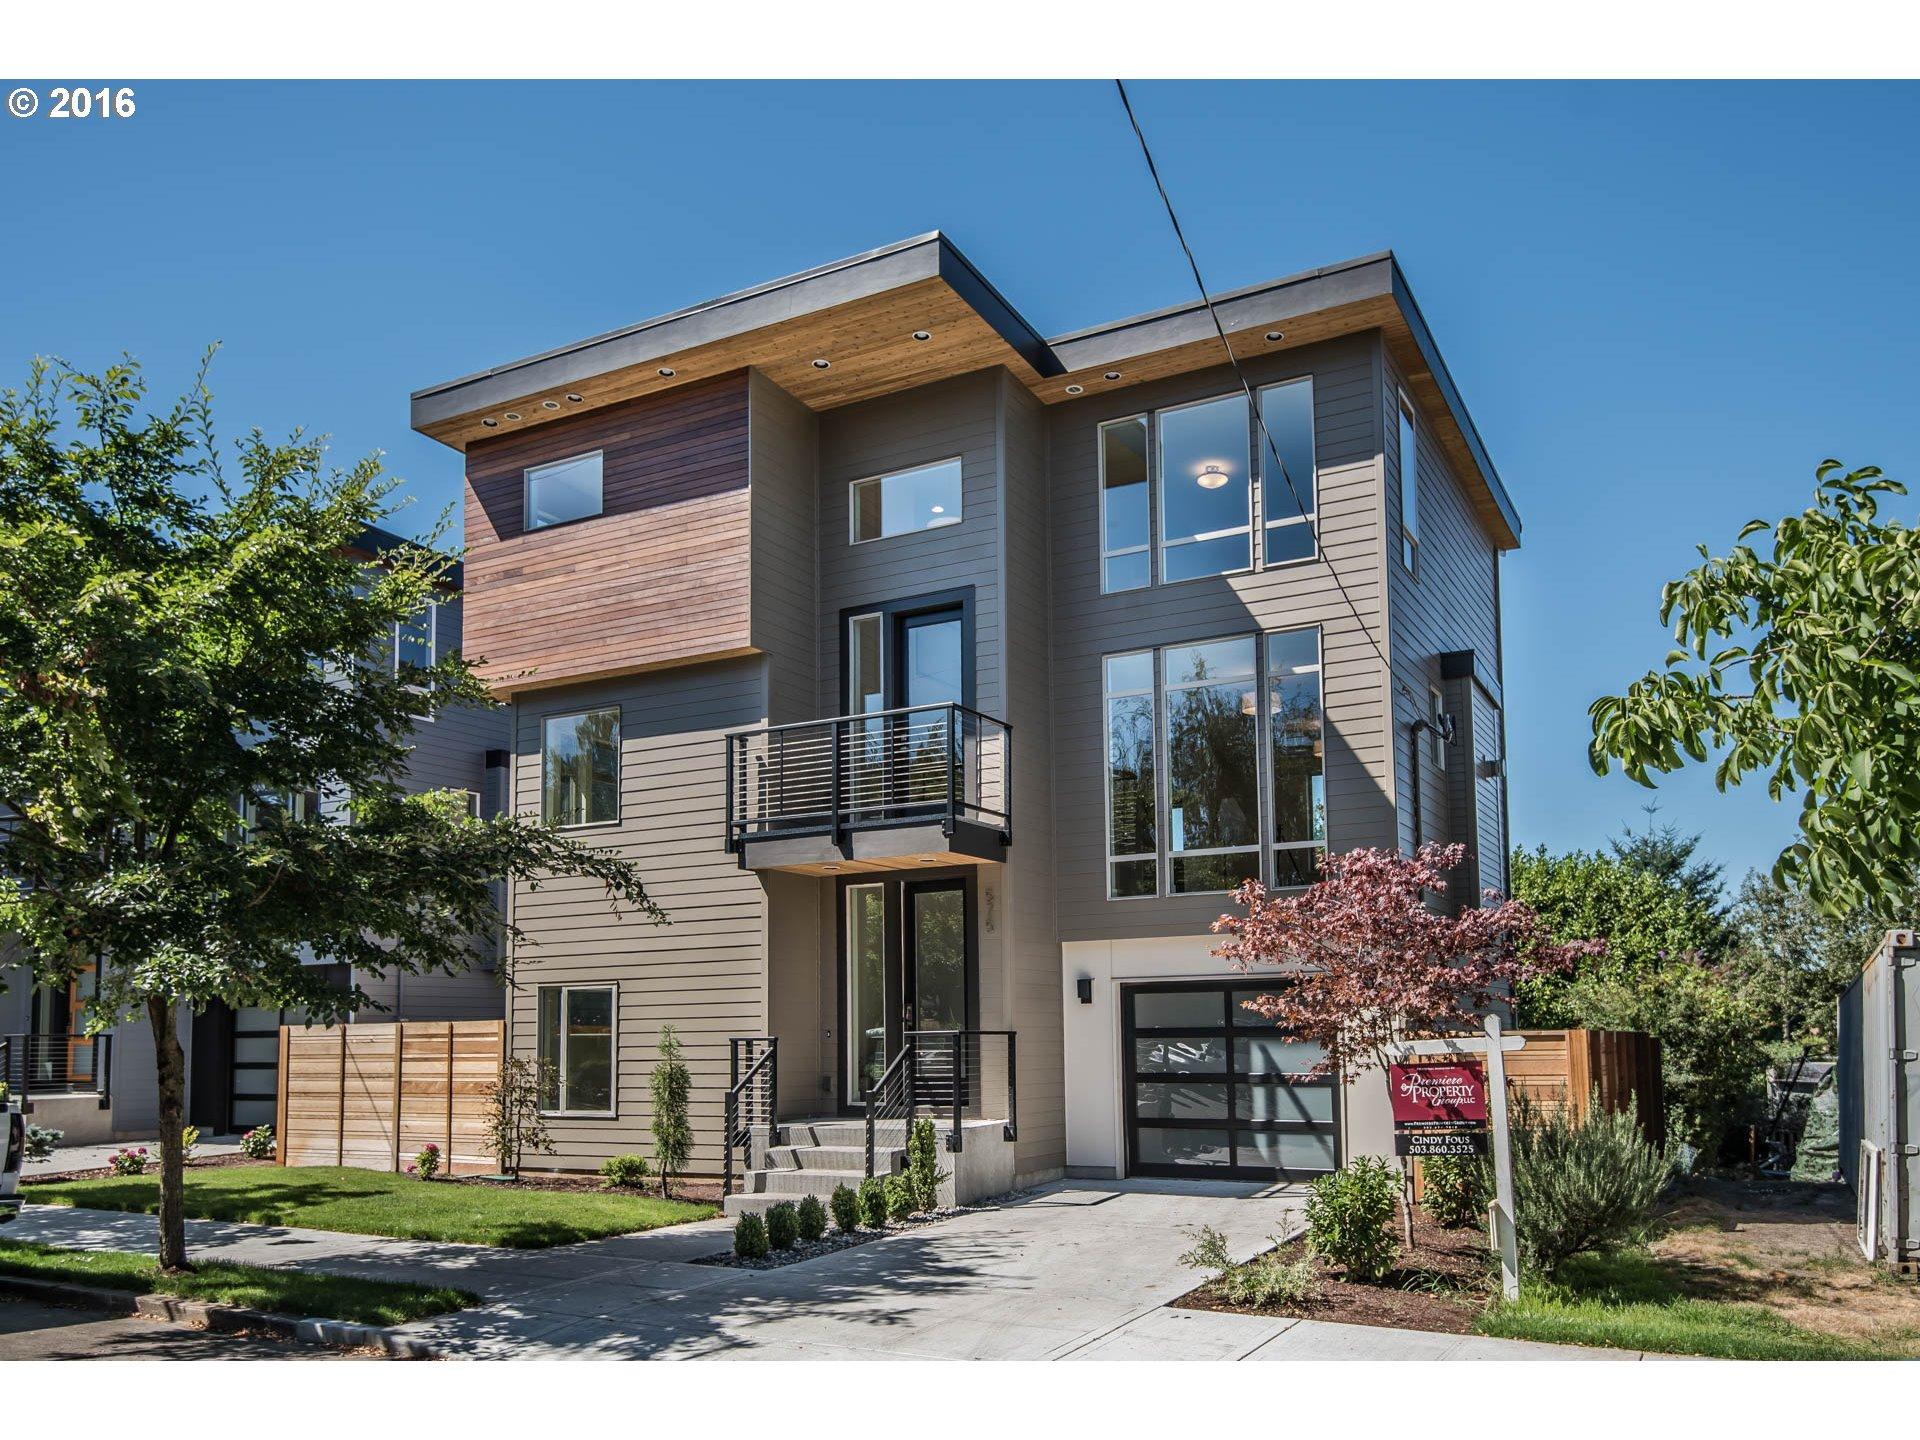 575 N MORGAN ST, Portland OR 97217